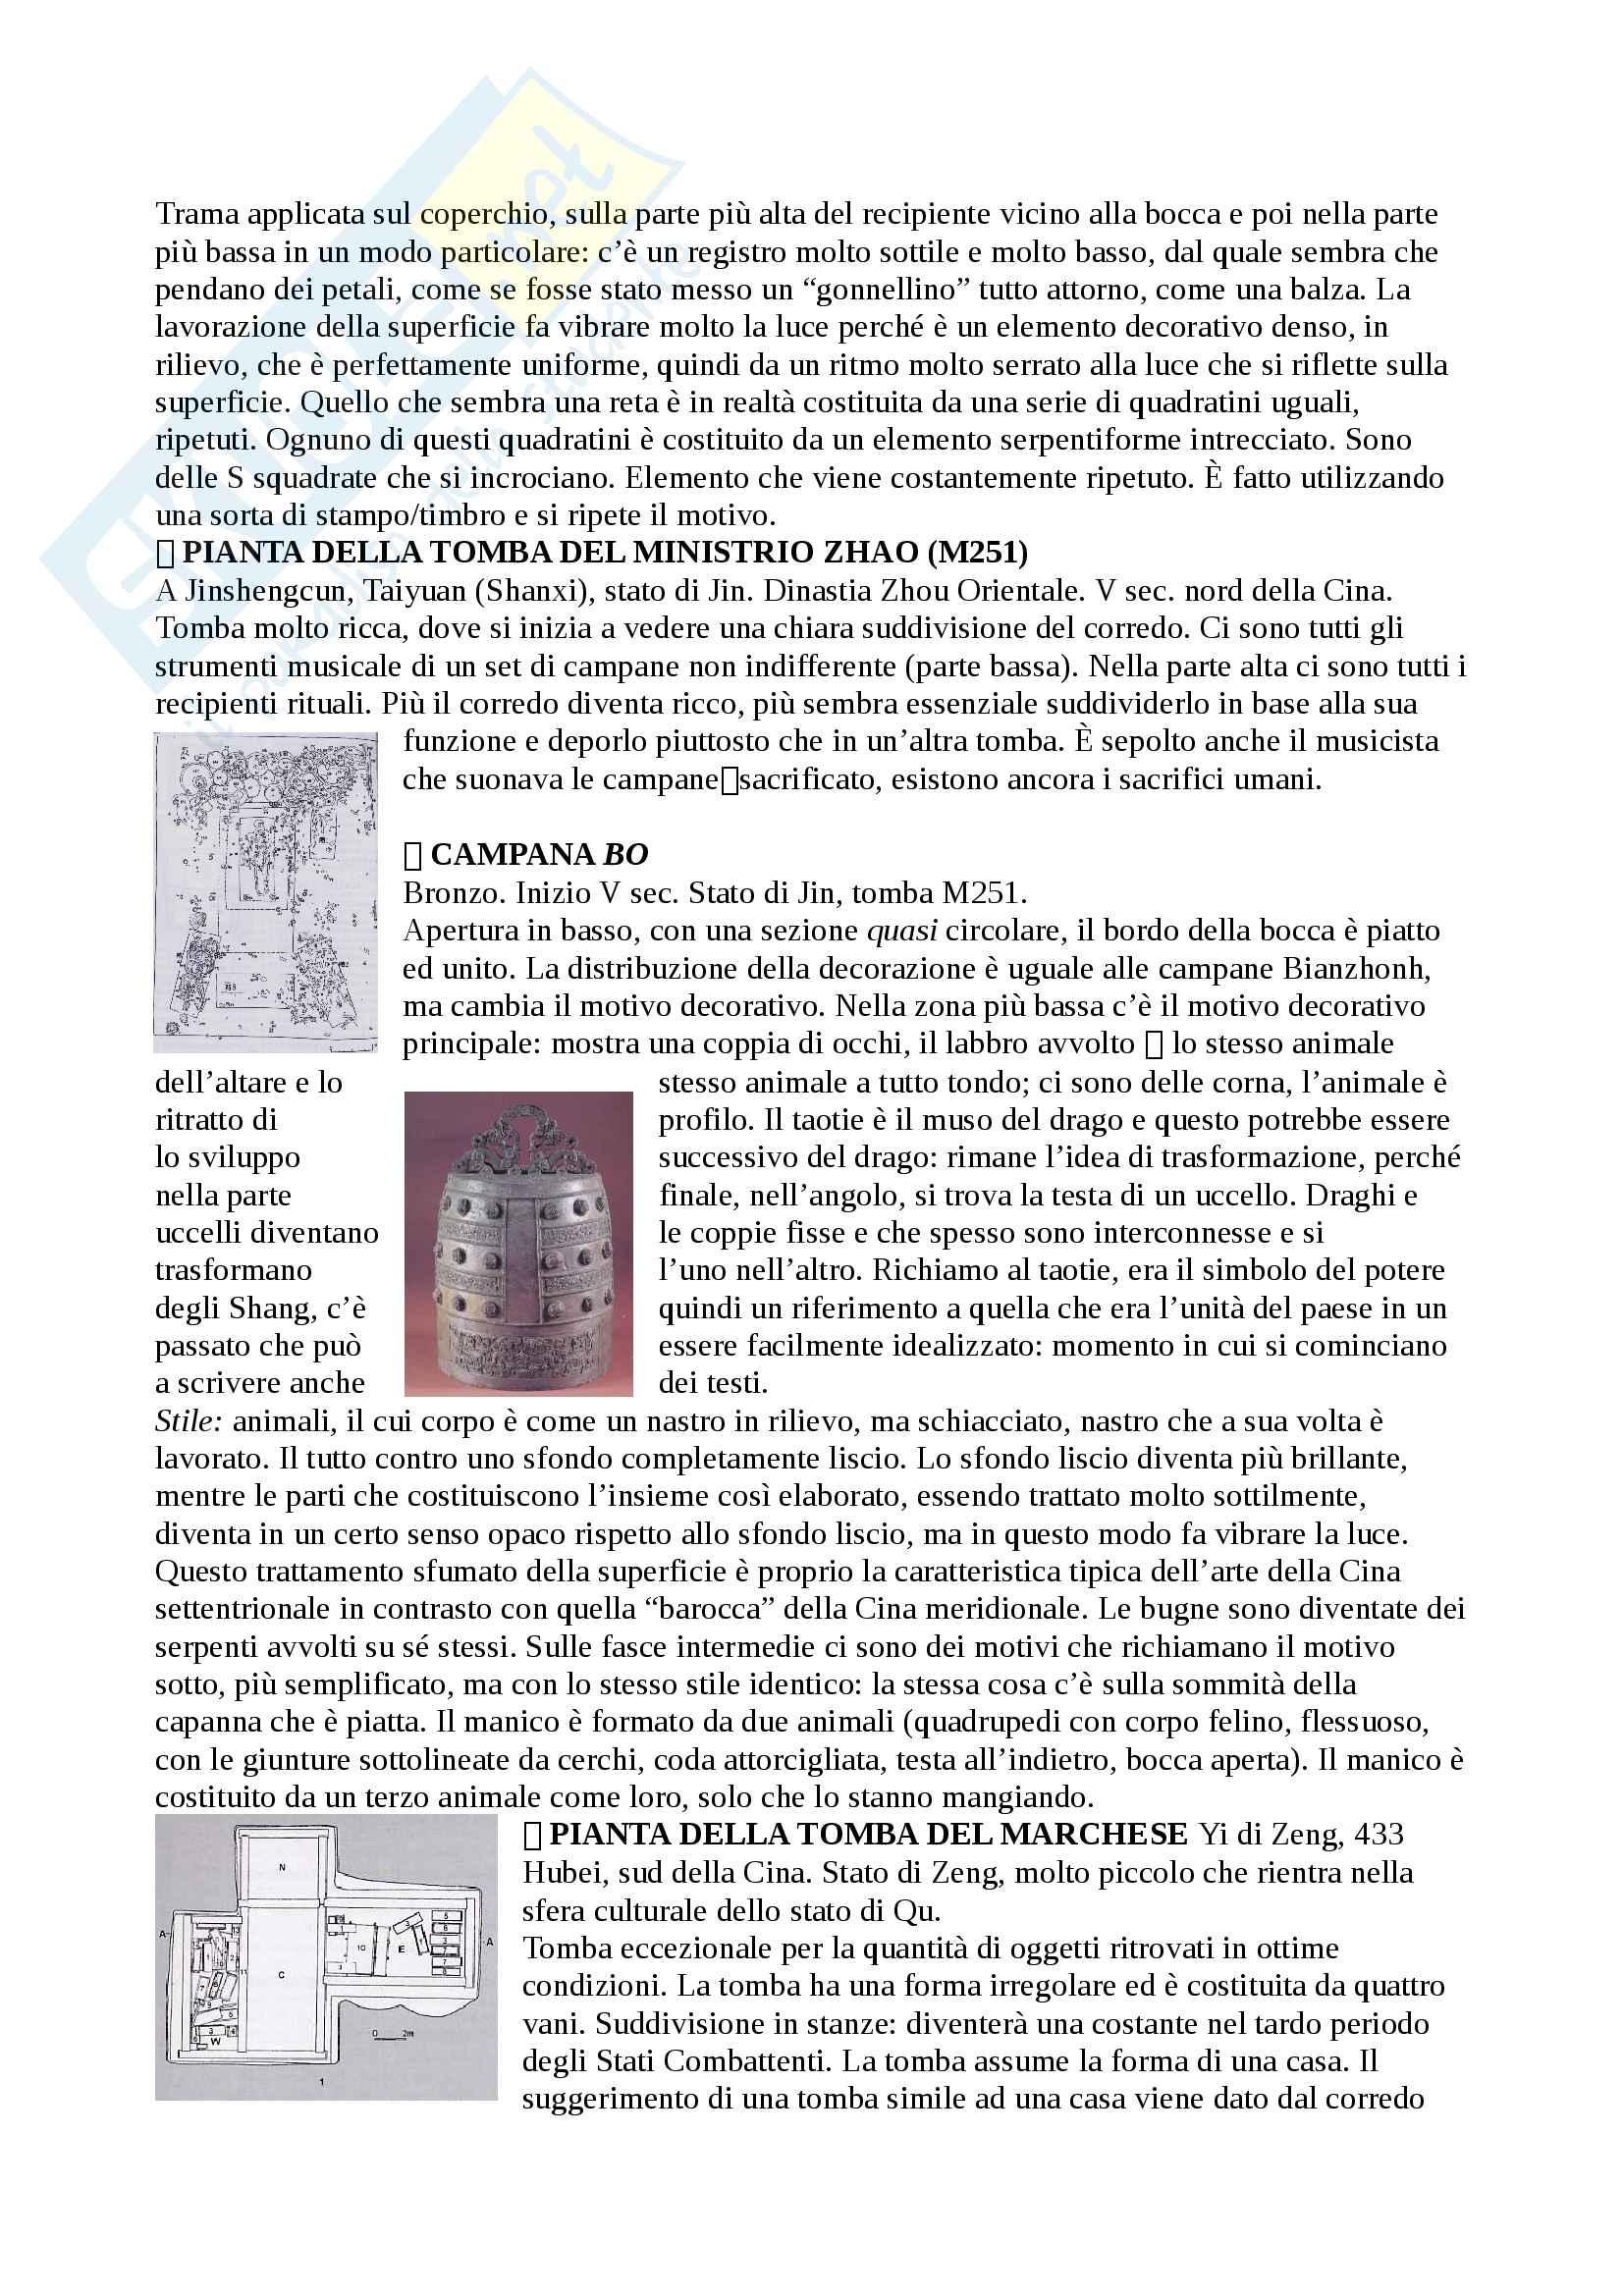 storia dell'arte Pag. 31